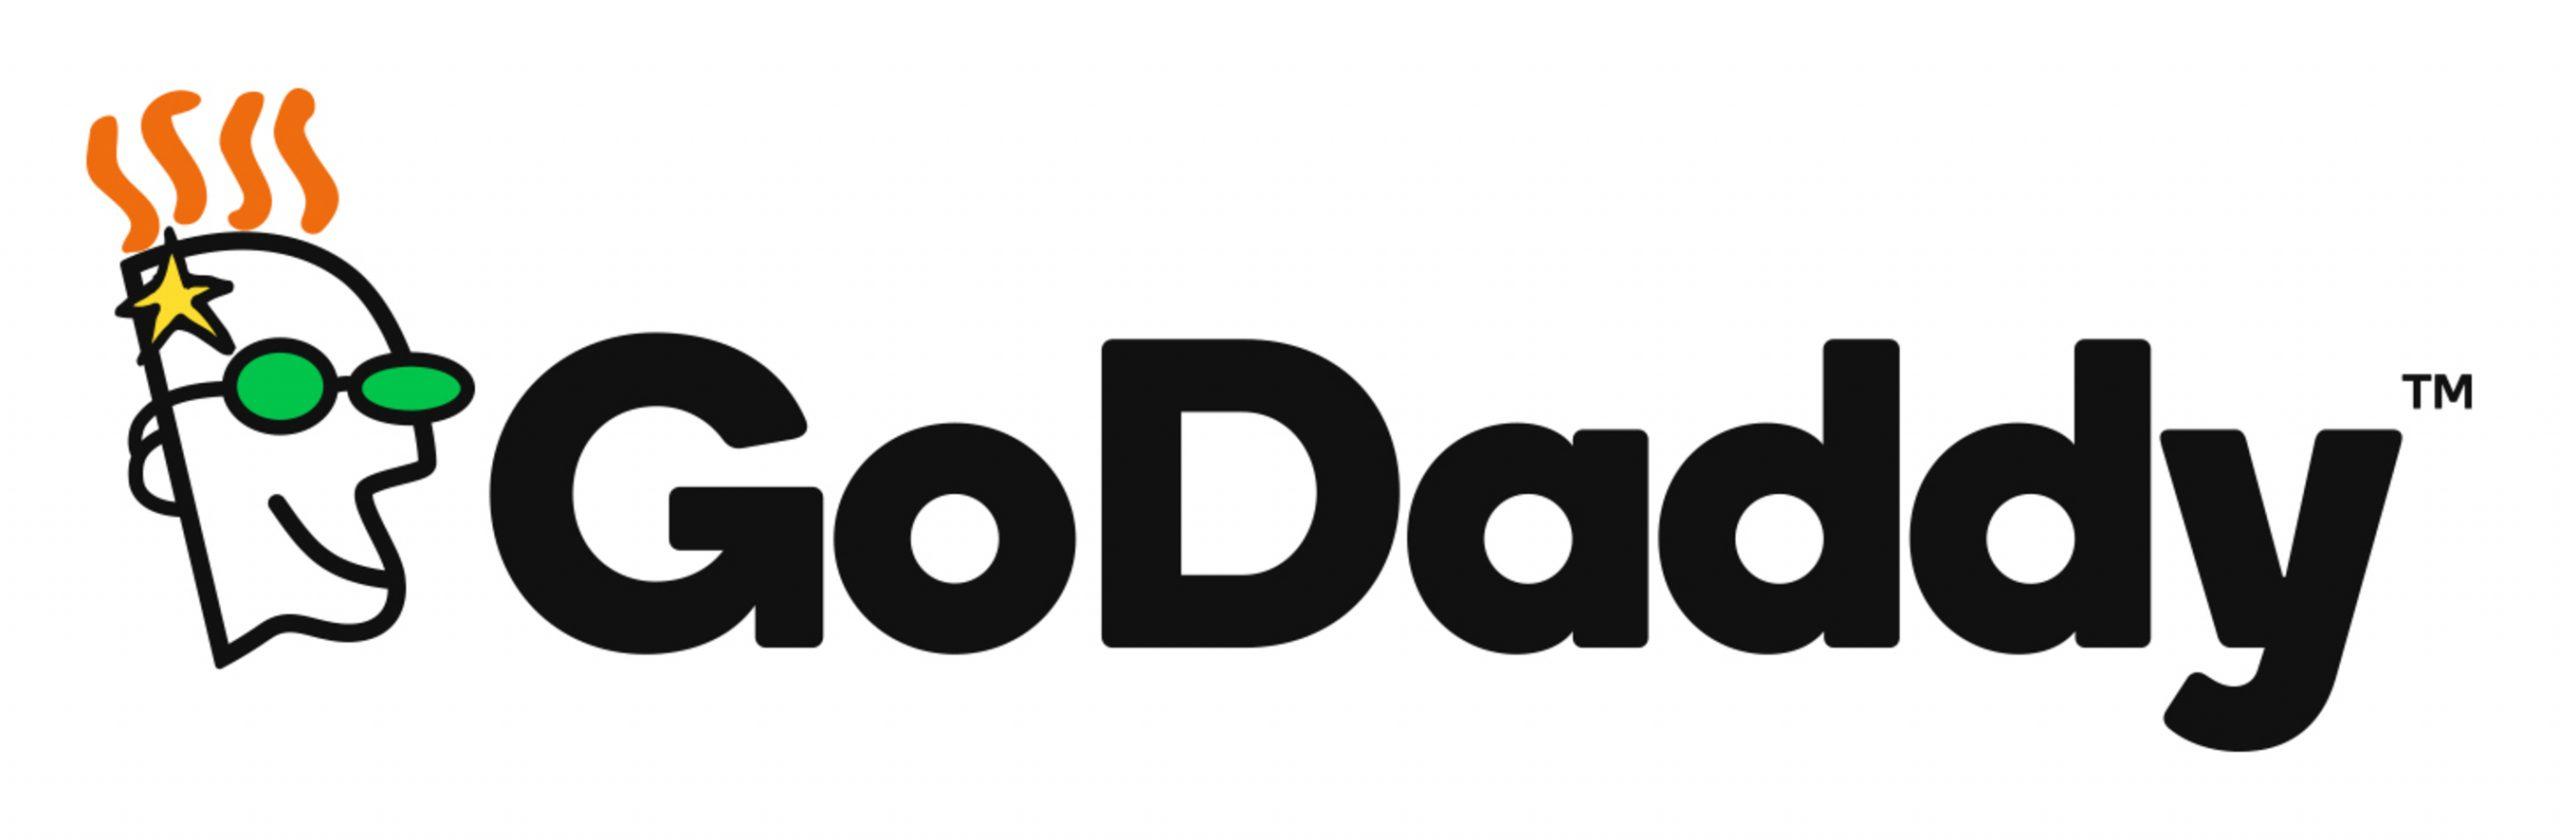 GoDaddy ofrece todo lo que necesitas para crear una presencia online eficaz y memorable